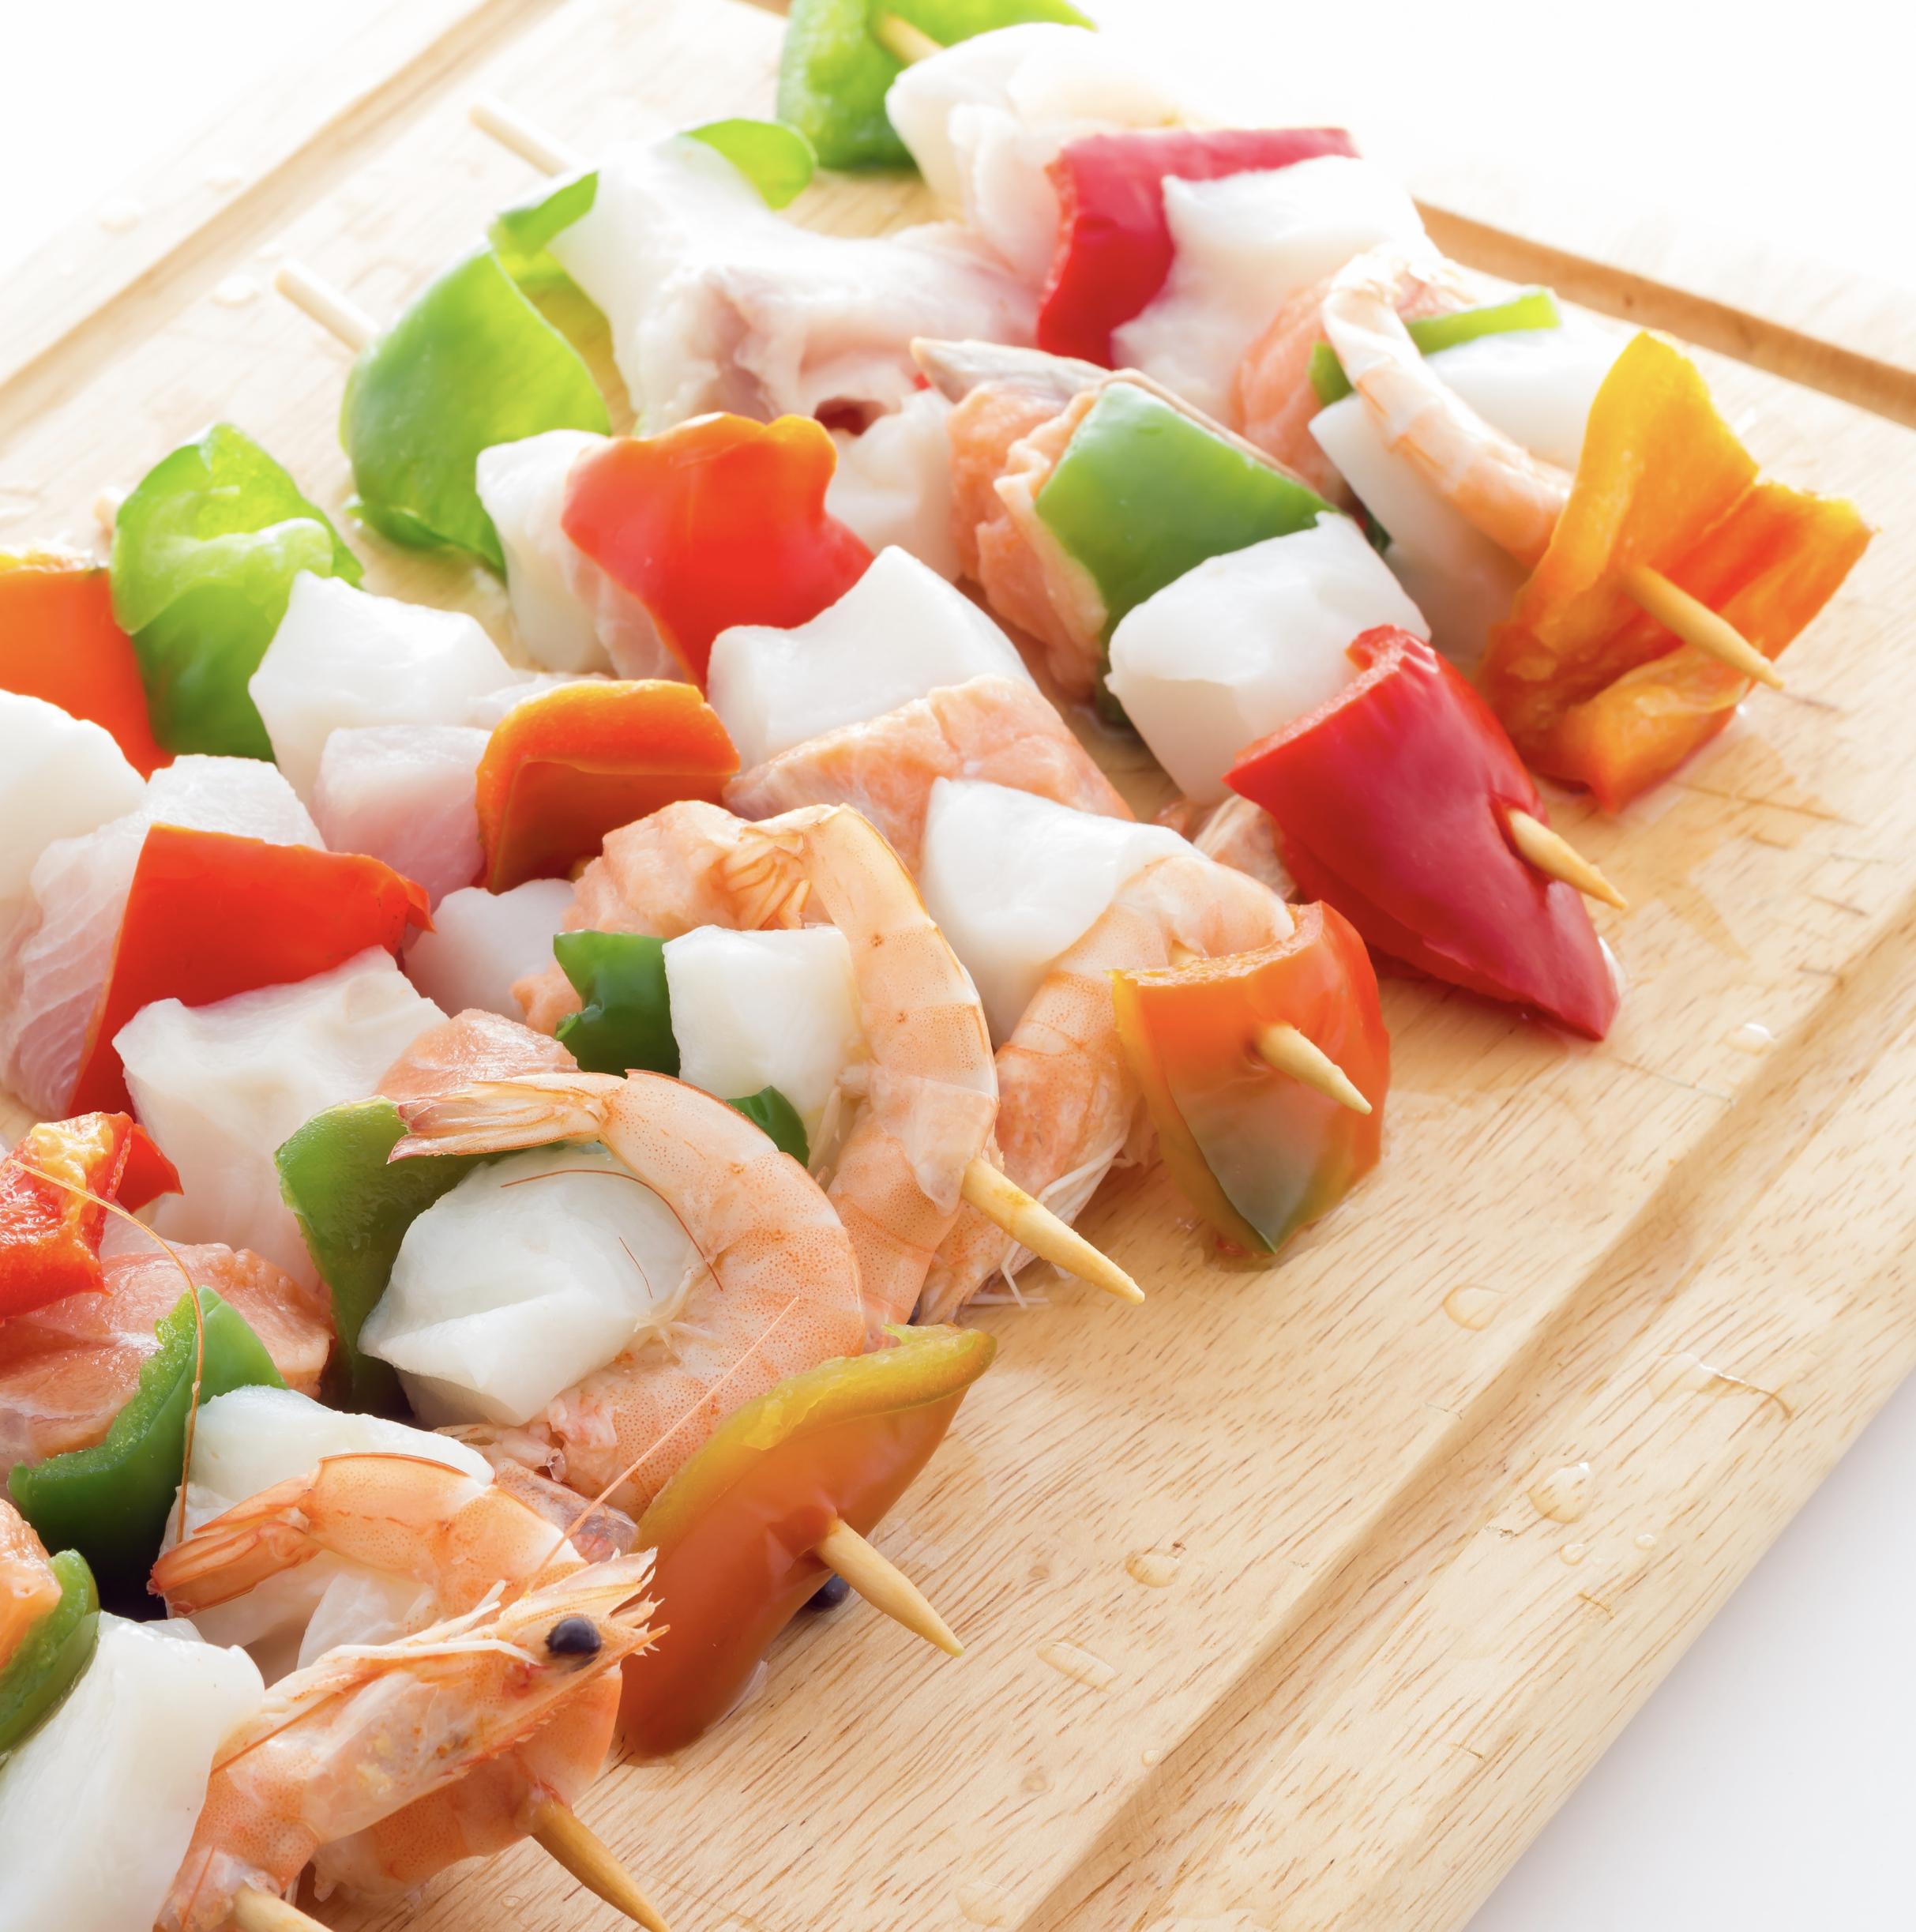 spiedini di pesce fe ricette light programma dieta mediterranea perdere peso velocemente clinica di dimagrimento centro ferrara magrella